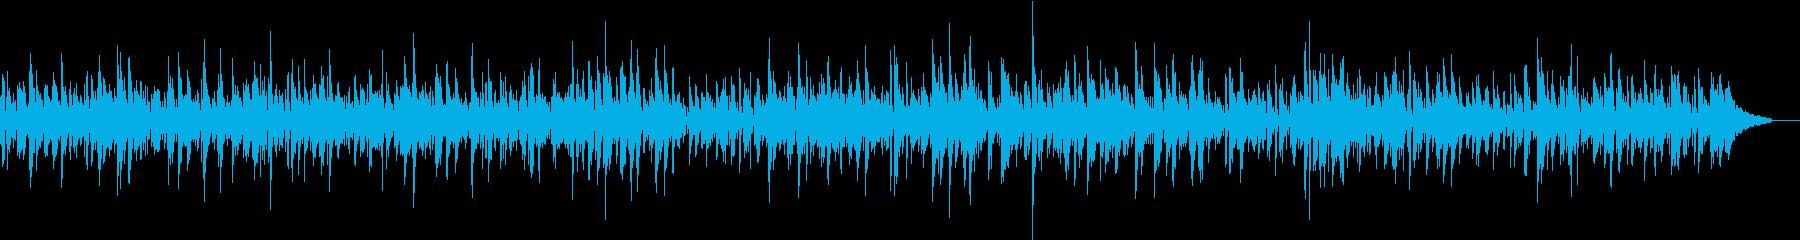 ほのぼのとしたアコギのカフェ風ボサノバの再生済みの波形